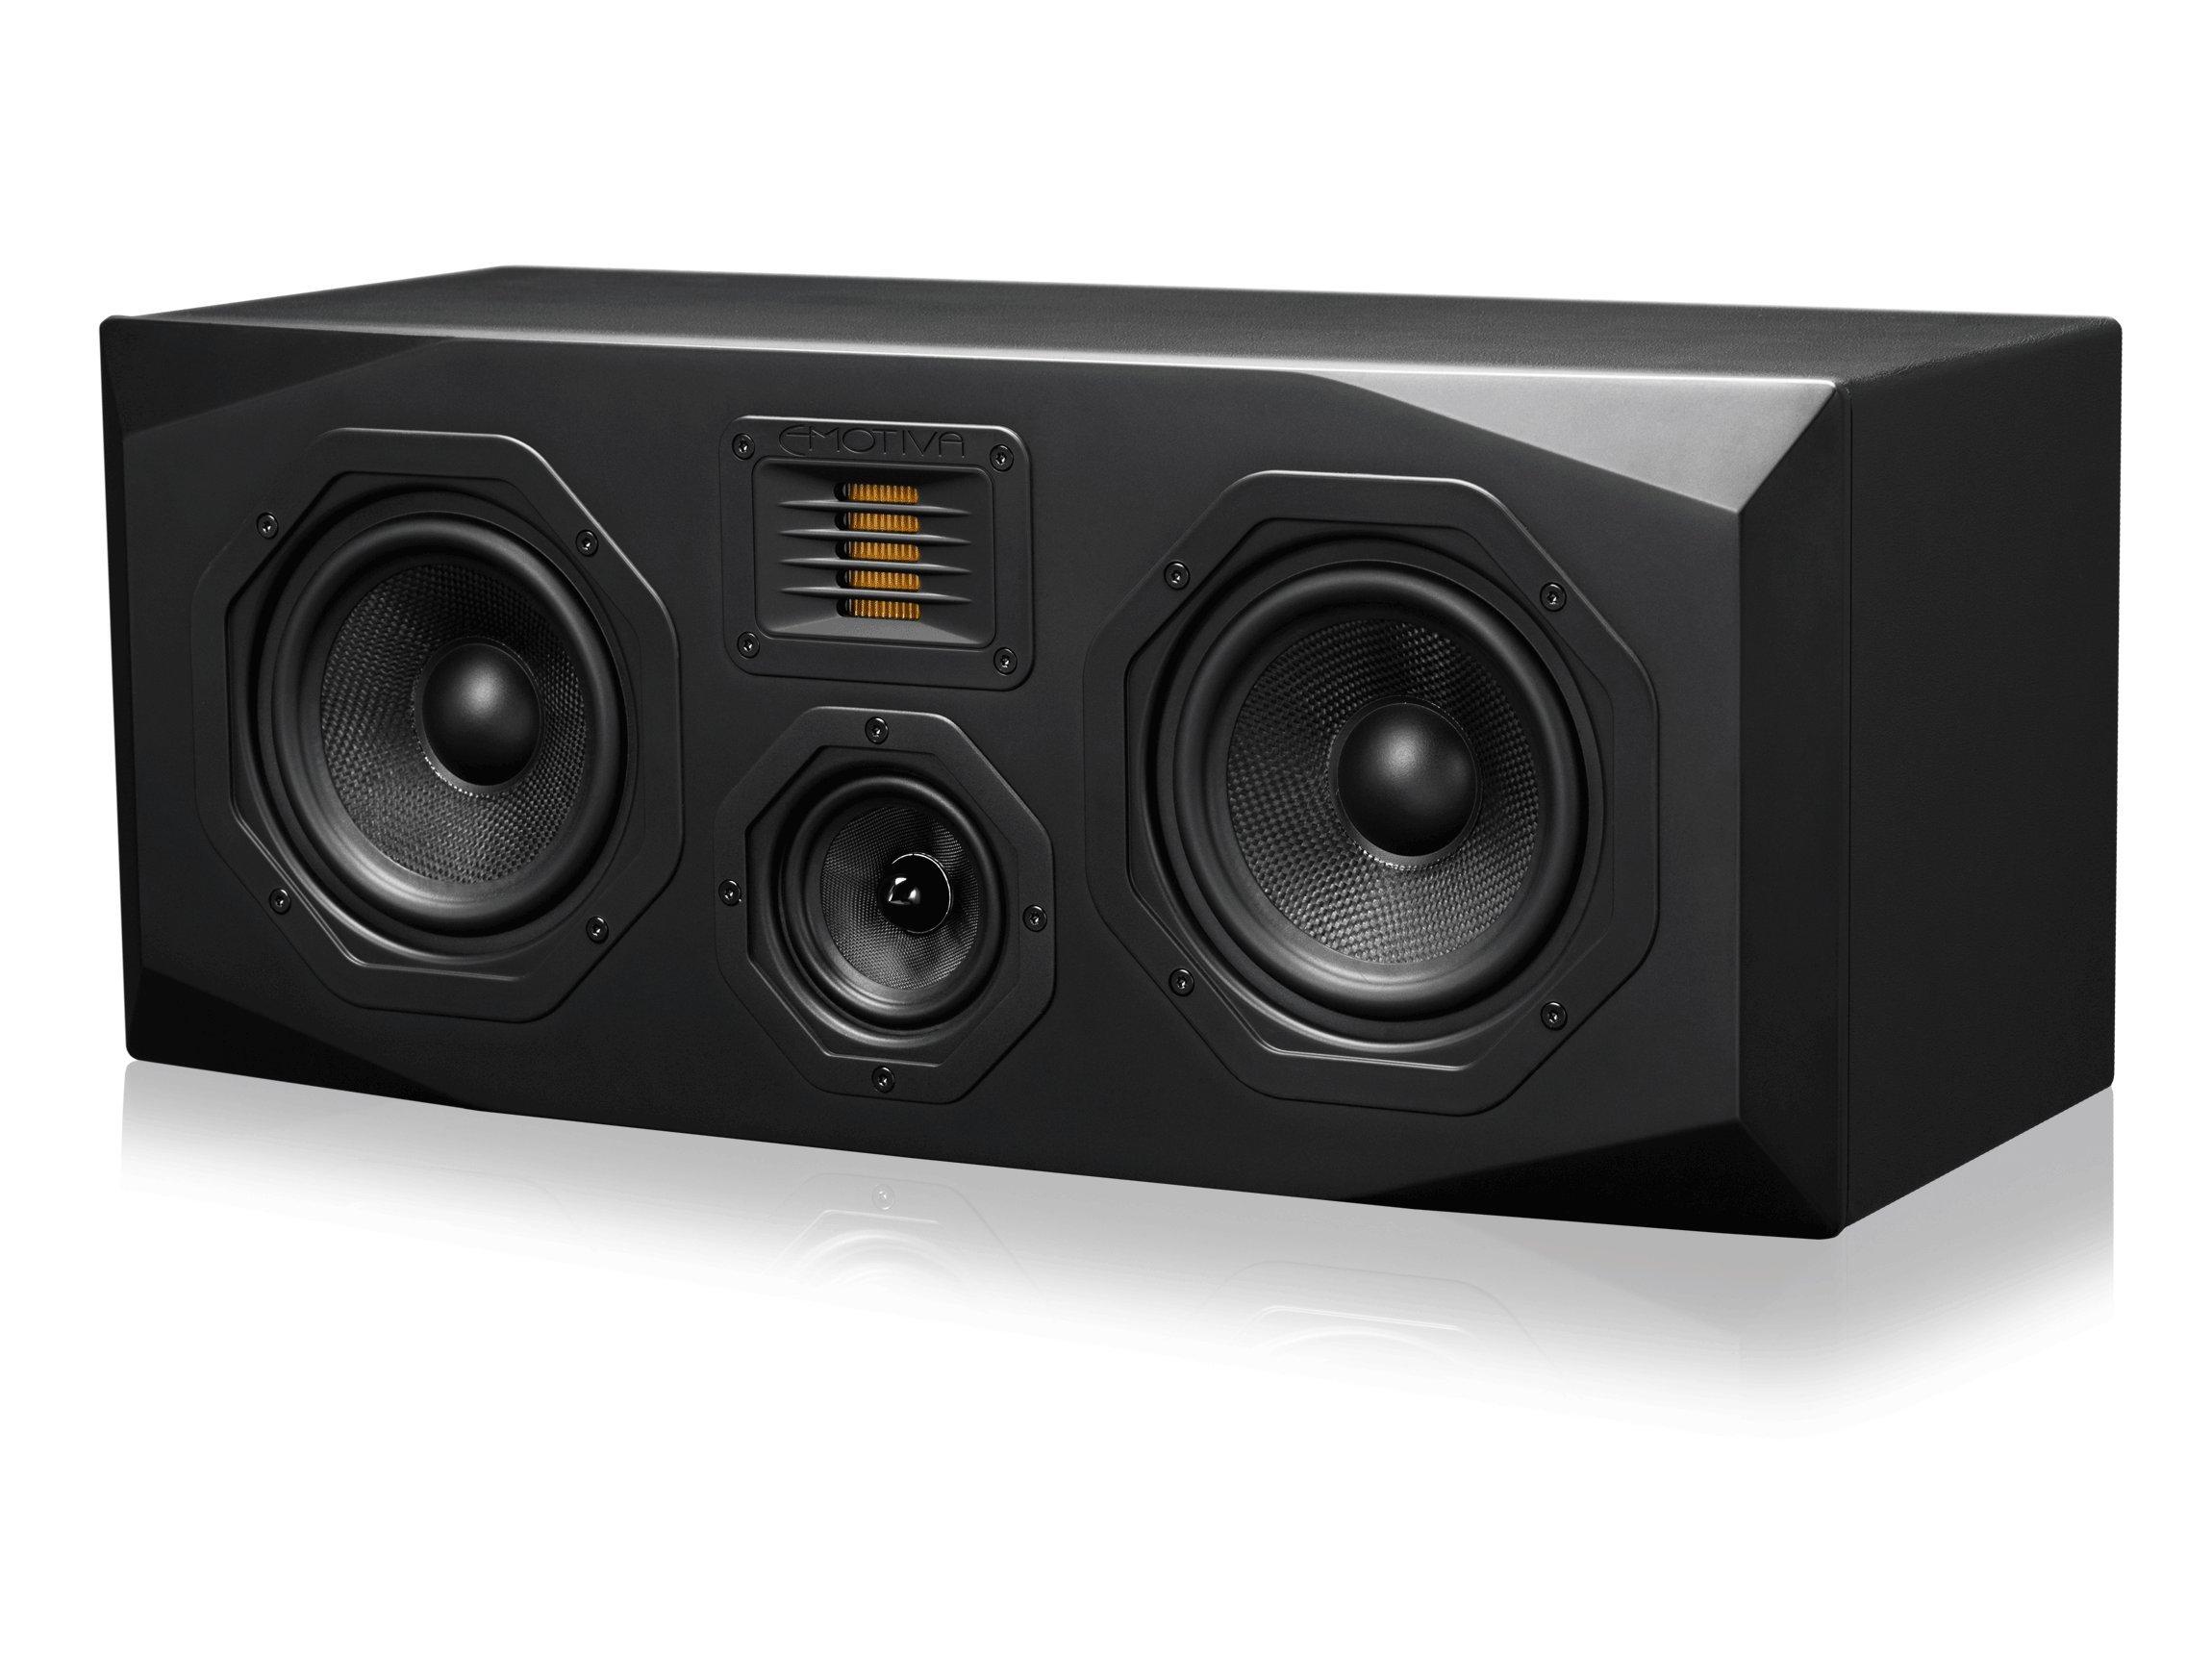 Emotiva Audio Surround Center Channel Home Speaker Set of 1 Black (C1) by Emotiva Audio